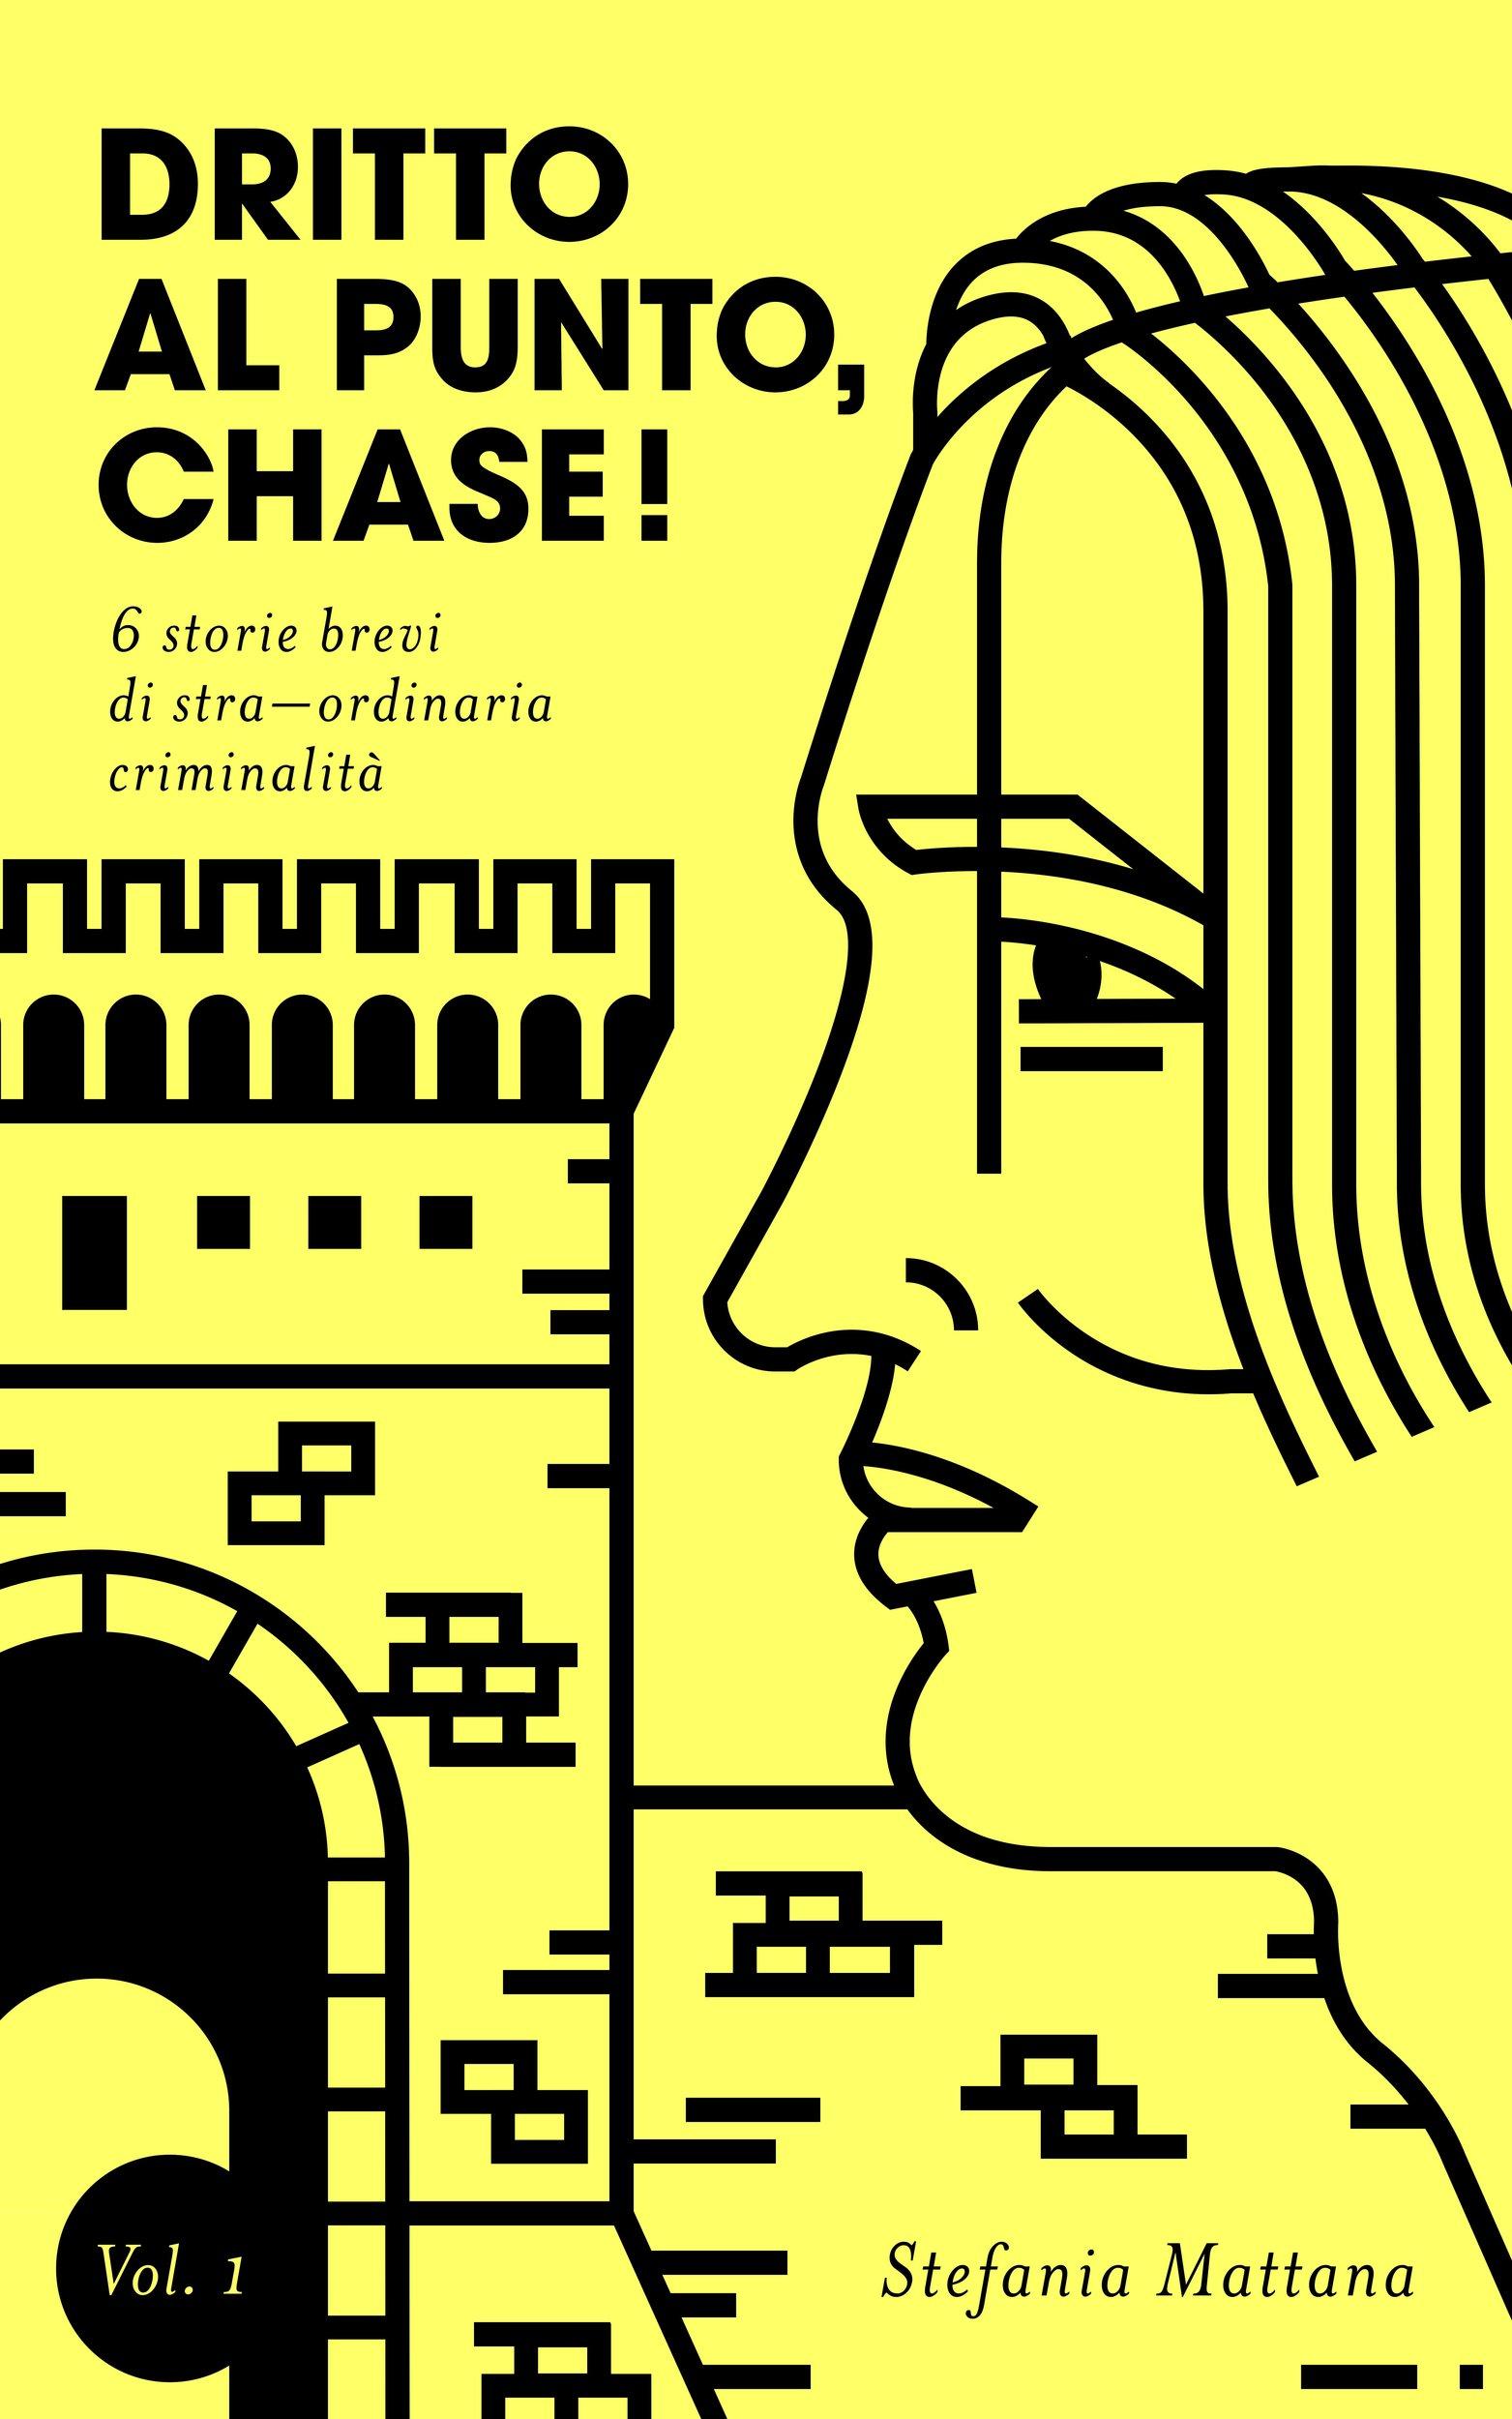 copertina racconti brevi gialli dritto al punto chase, ebook gratis da scaricare